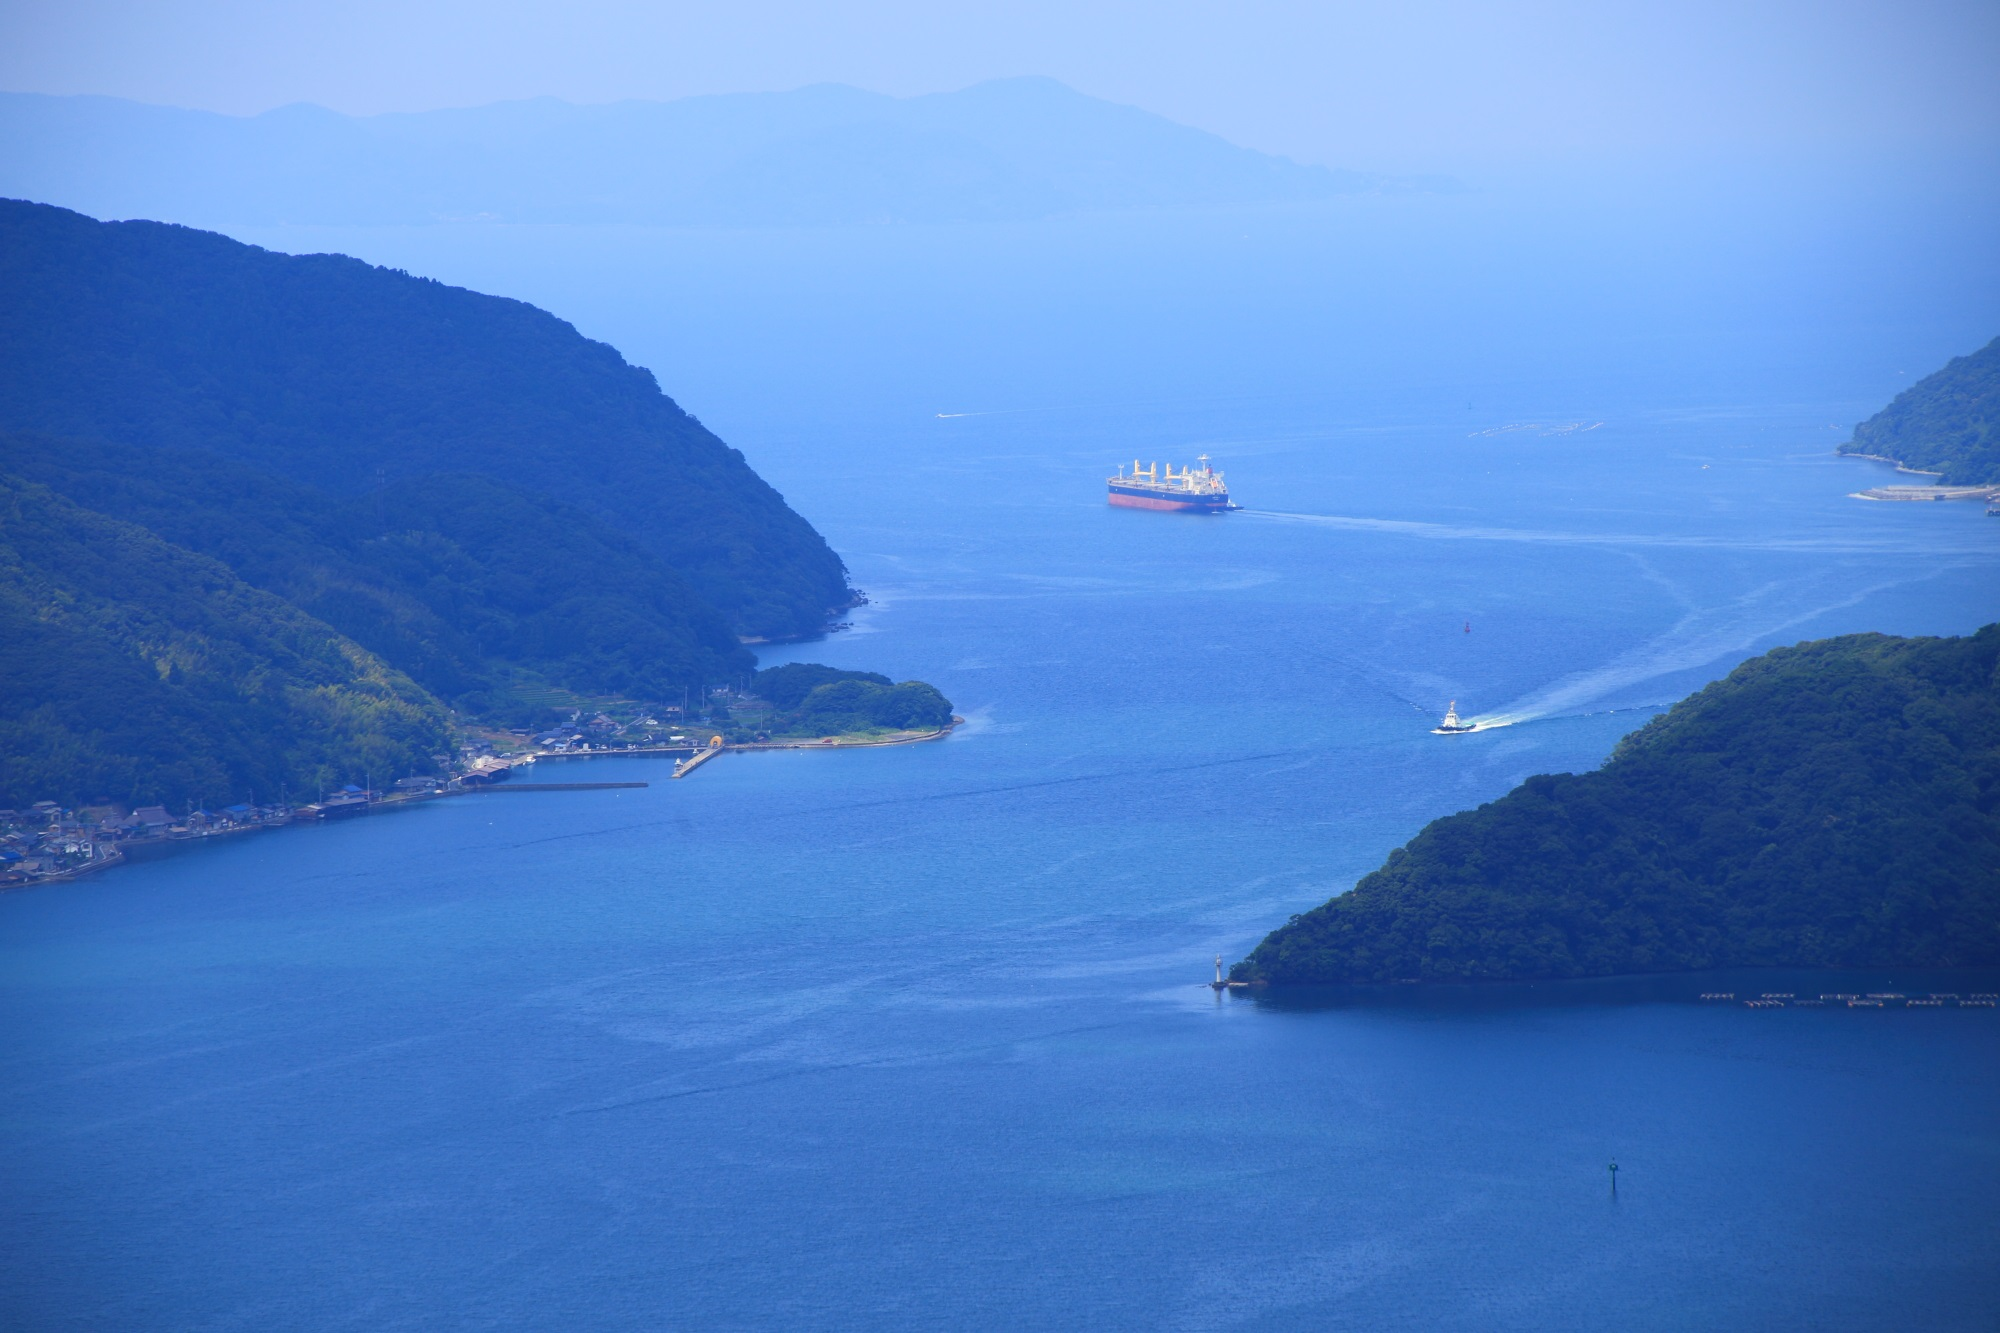 五老ヶ岳から眺めた舞鶴湾から続く若狭湾や日本海